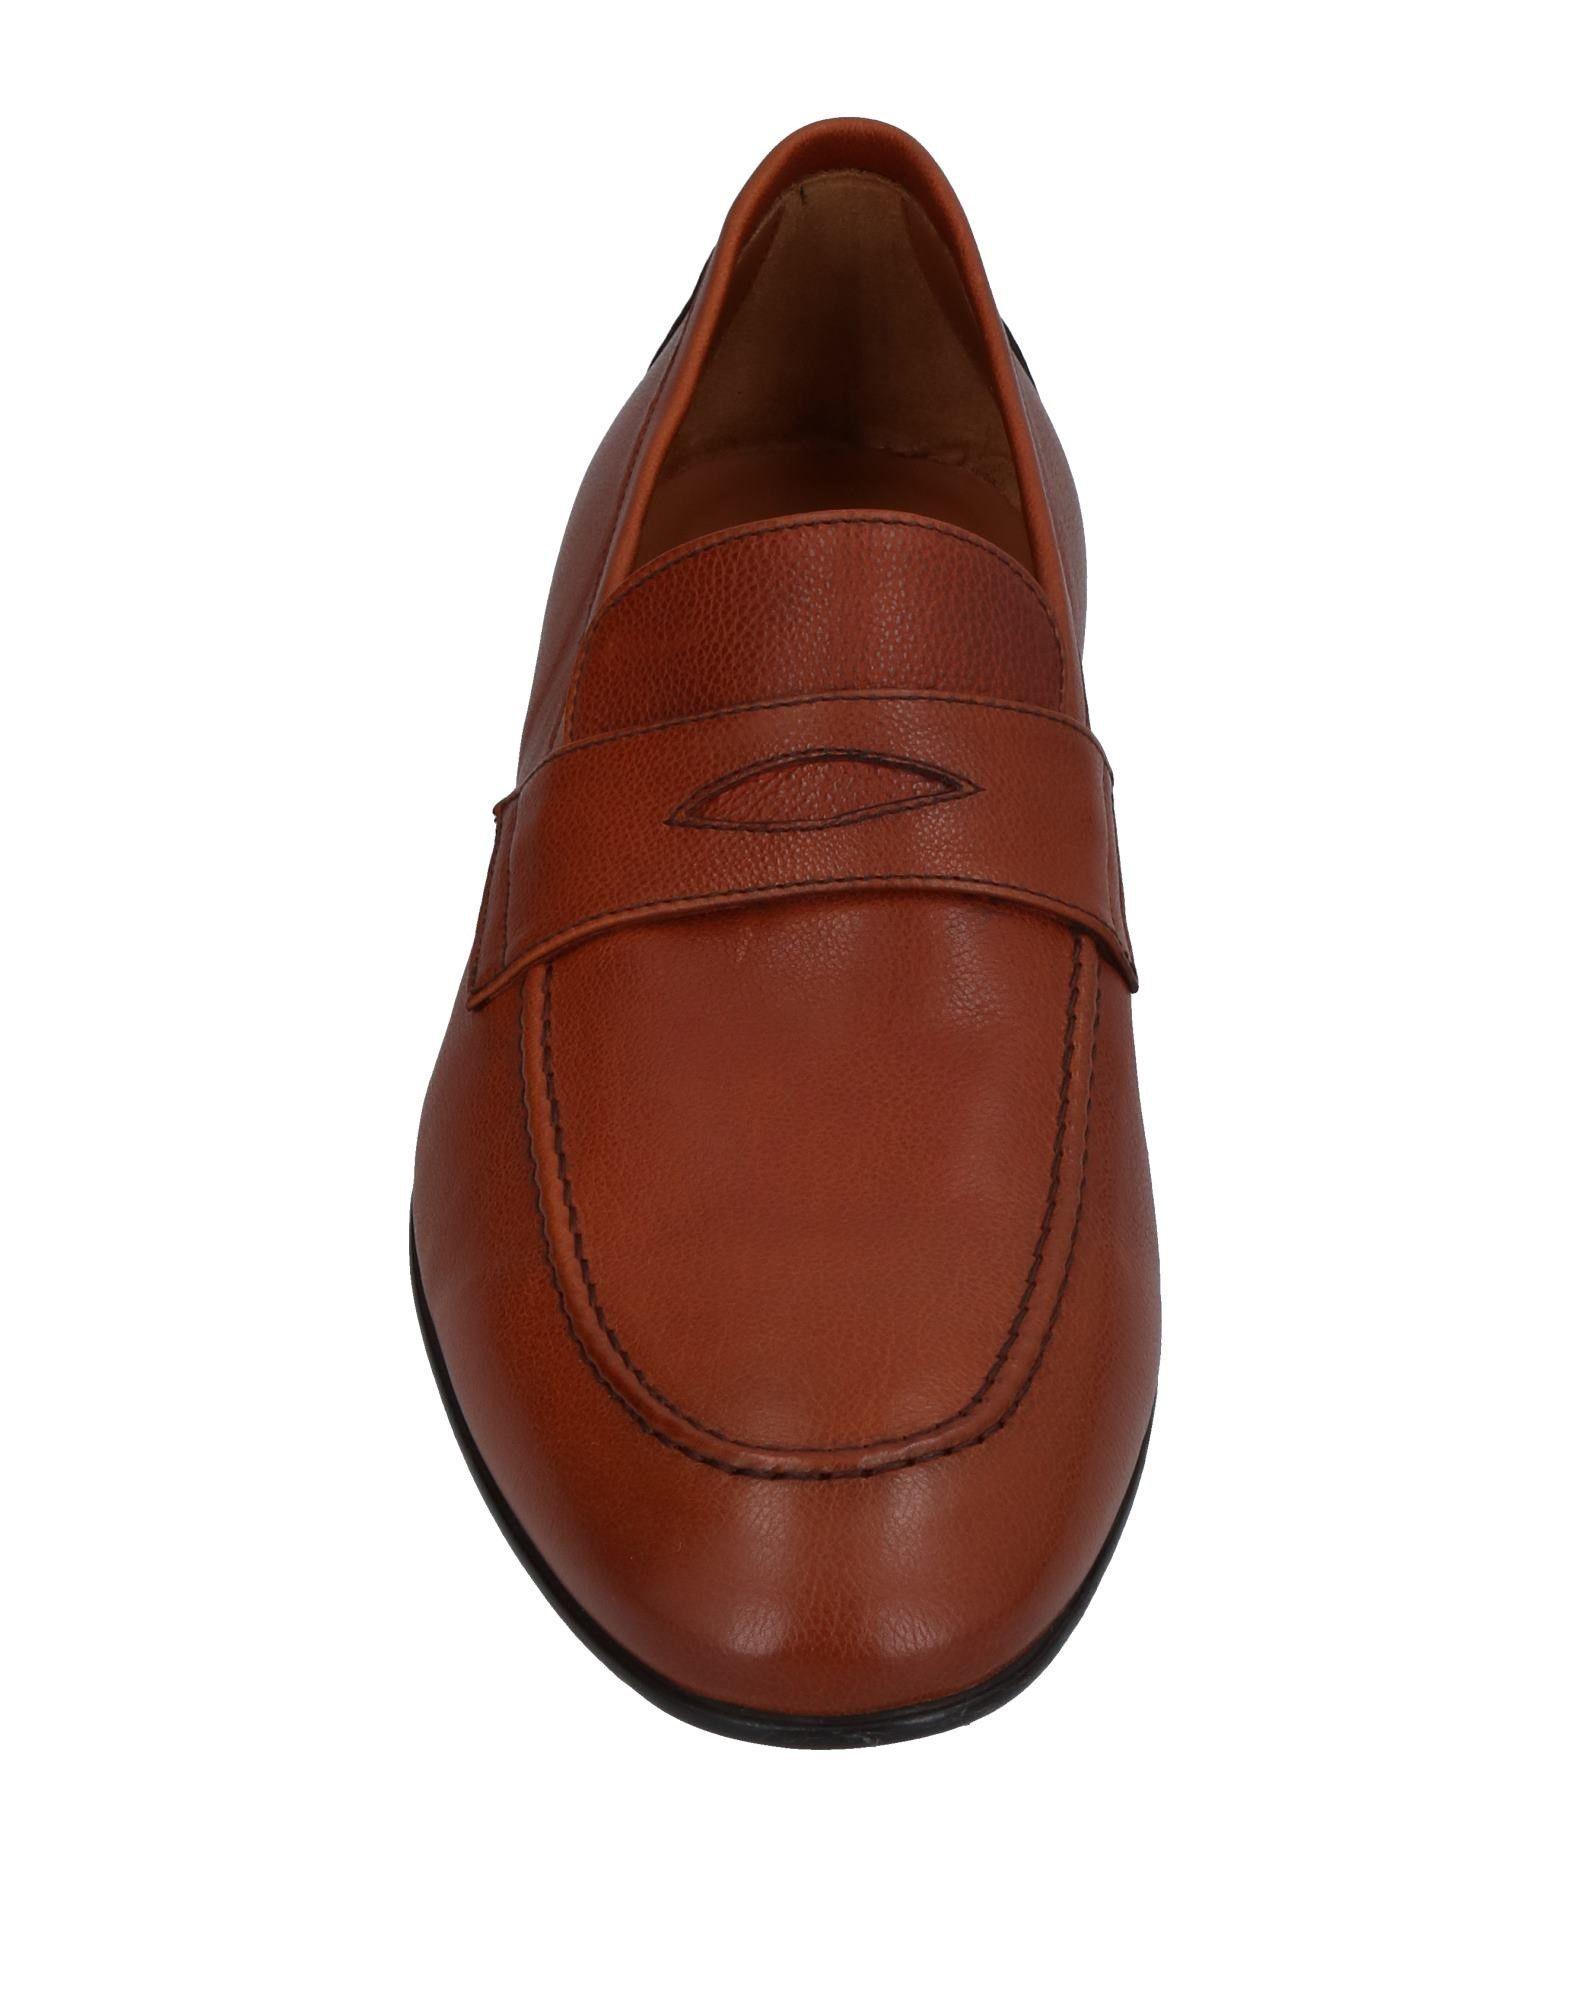 Doucal's Mokassins Gute Herren  11391841PR Gute Mokassins Qualität beliebte Schuhe a097e0